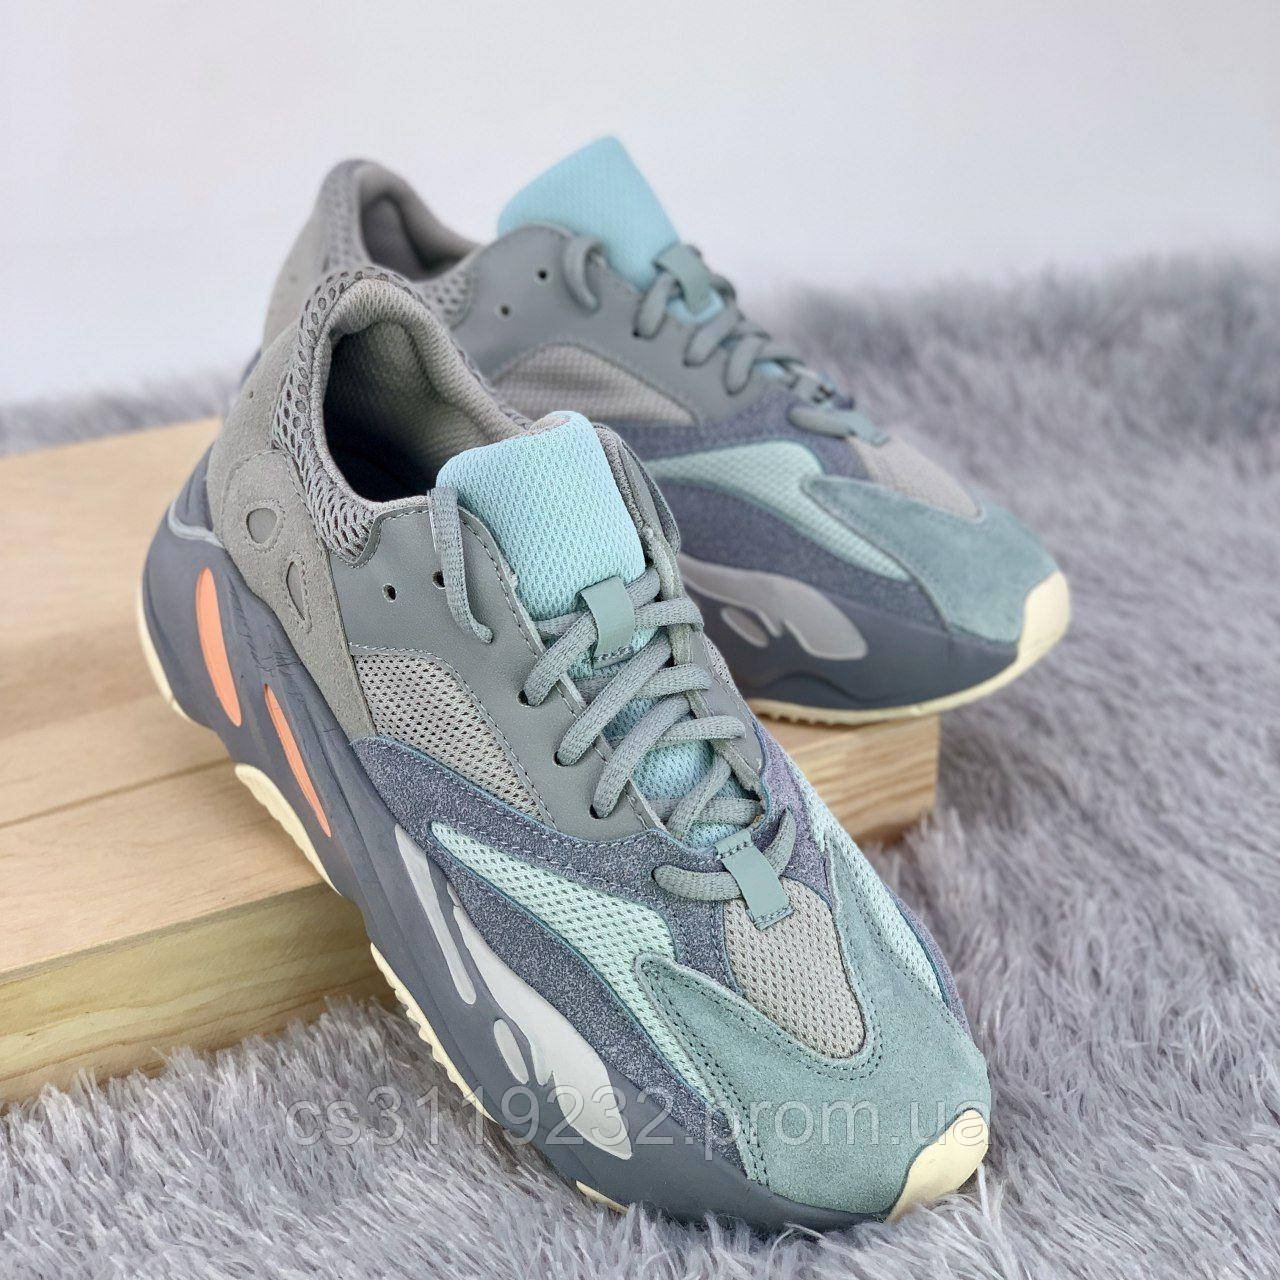 Женские кроссовки Adidas Yeezy Boost 700 Inertia (серые)